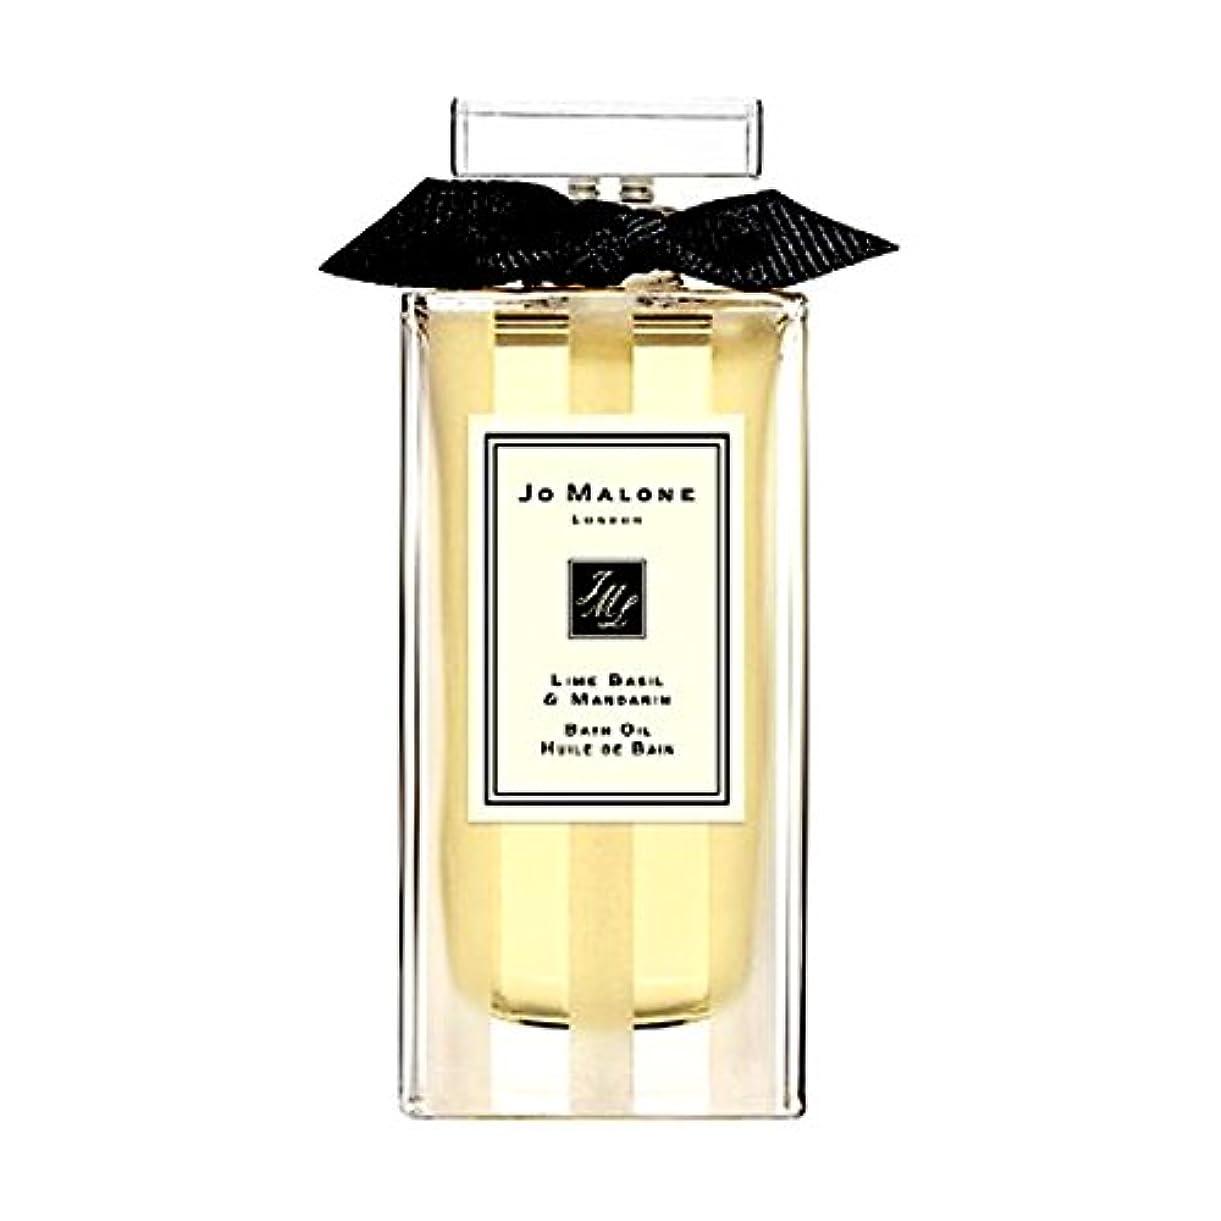 モンク委任するバージンJo Maloneジョーマローン, バスオイル -ライムバジル&マンダリン (30ml),' Lime Basil & Mandarin' Bath Oil (1oz) [海外直送品] [並行輸入品]